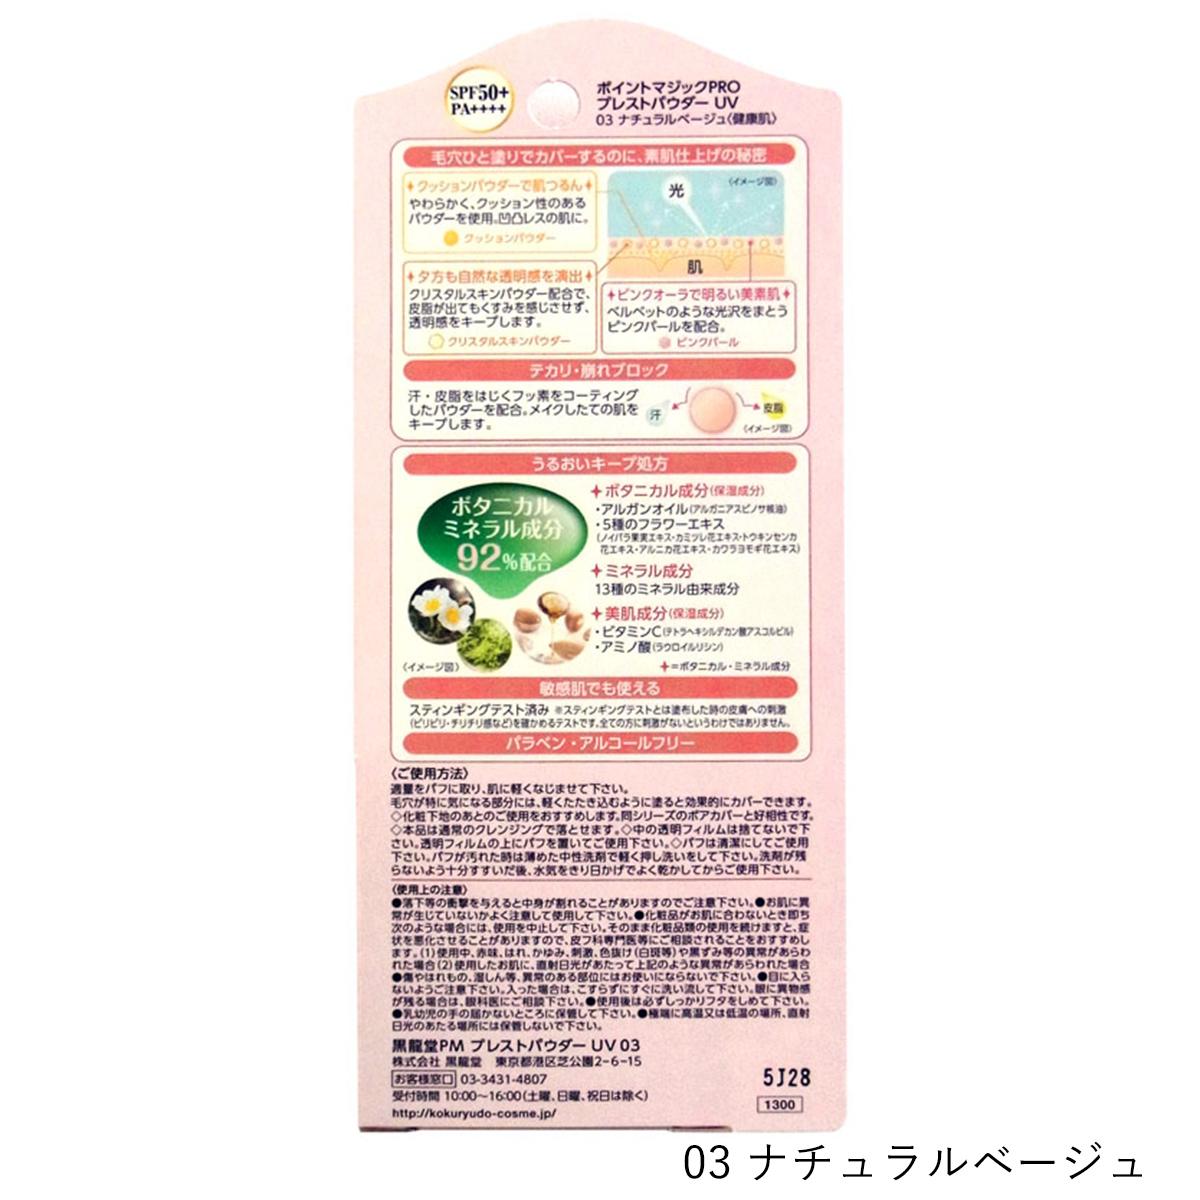 ポイントマジックPRO プレストパウダー UV 2個セット